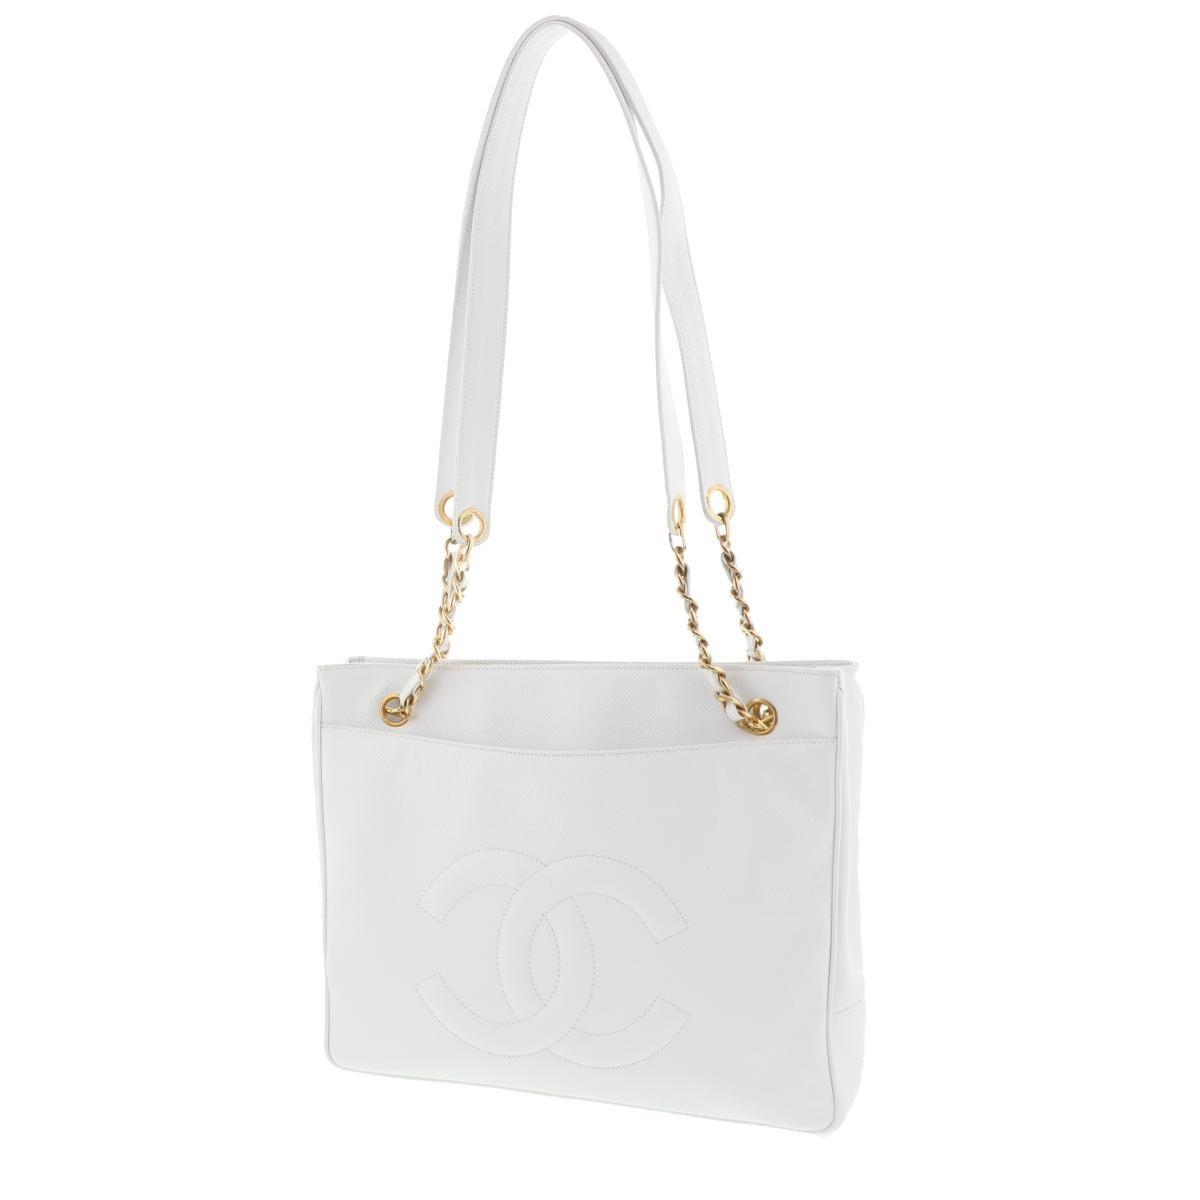 【中古】 CHANEL (シャネル) キャビアスキン チェーントートバッグ White GD金具 バッグ トートバッグ  ホワイト